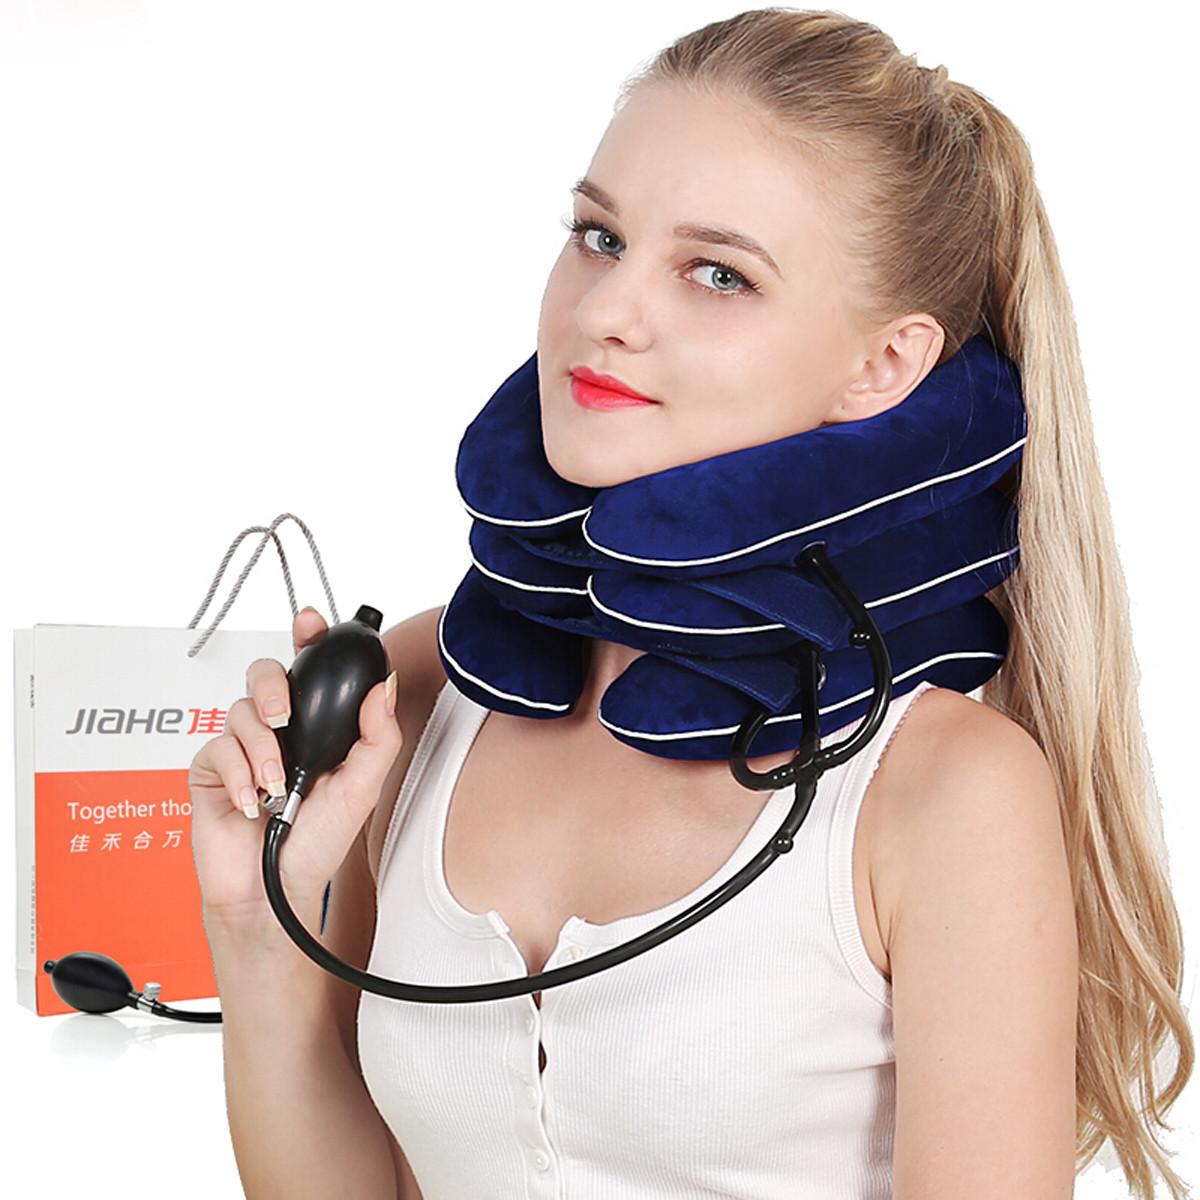 佳禾 充气式颈椎牵引器JQB03三层3管颈托拉伸医用颈部气囊